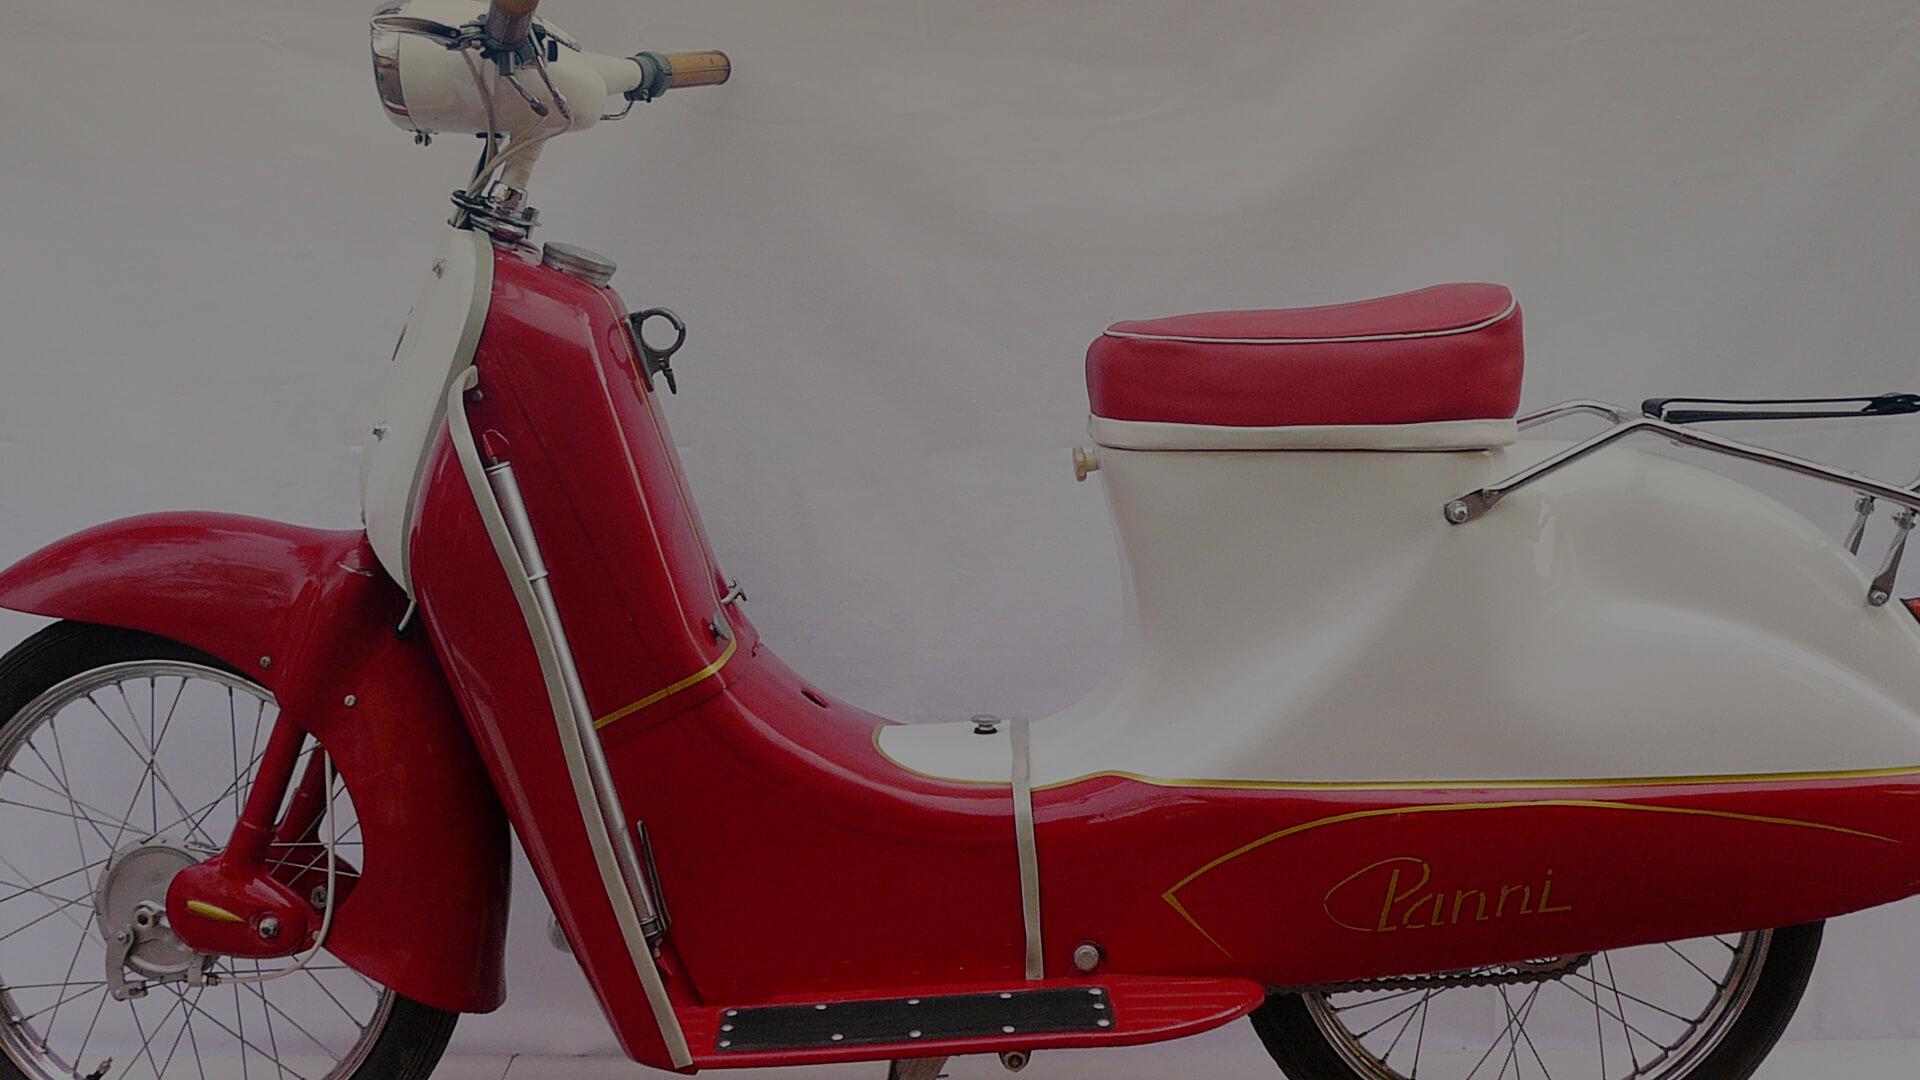 PANNI törperobogó, 49 cm³, 1961